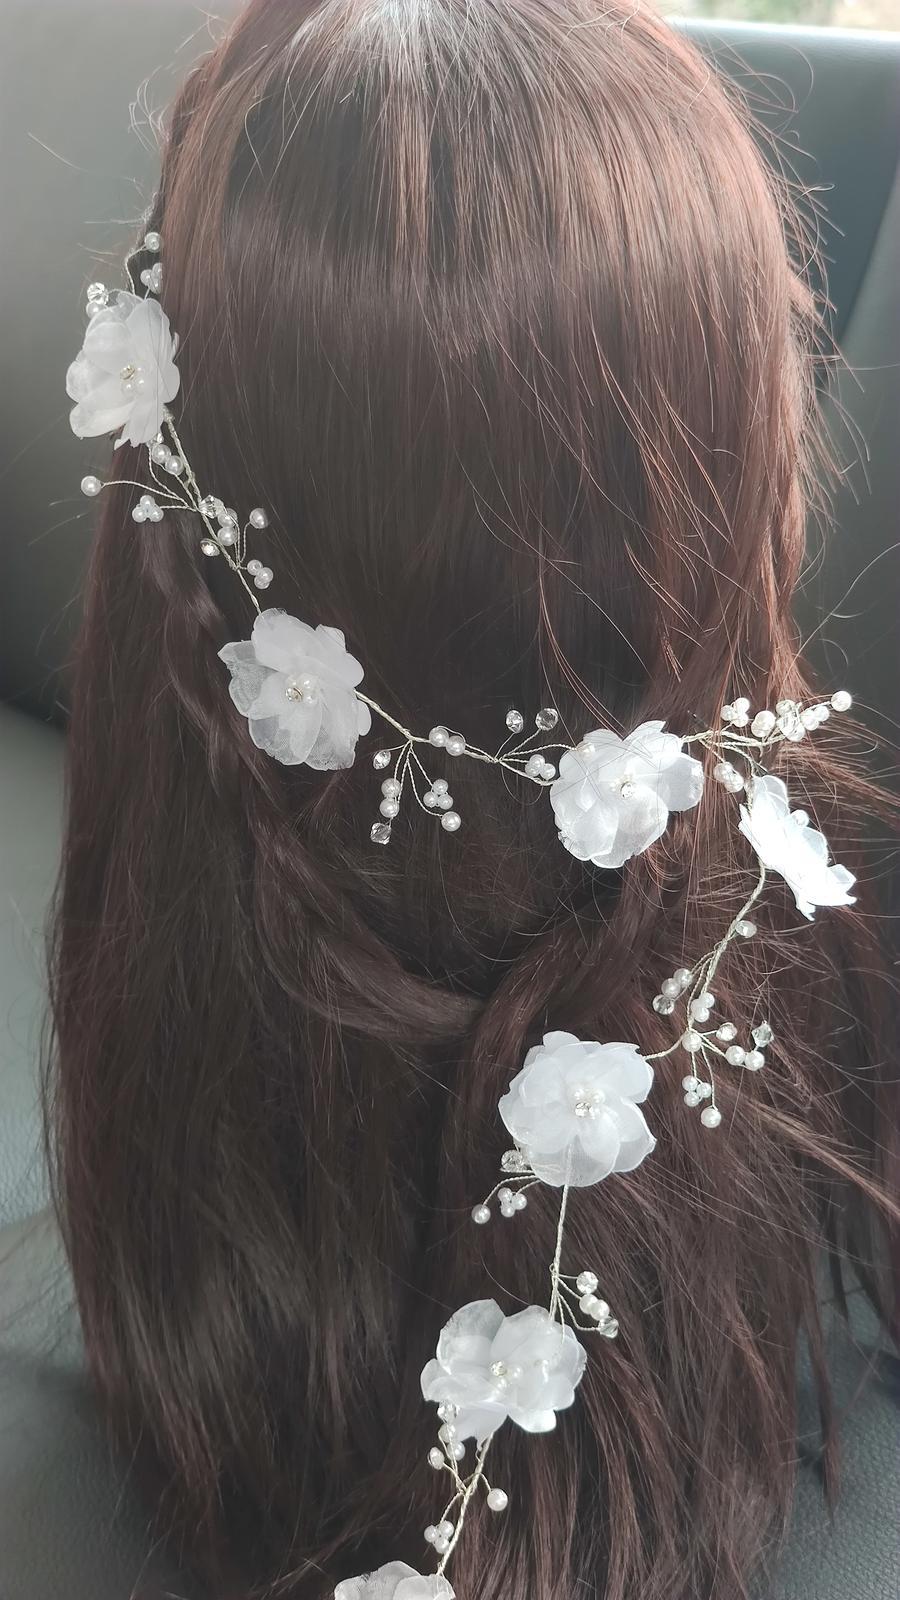 Nová svatební větvička do vlasů - Obrázek č. 1